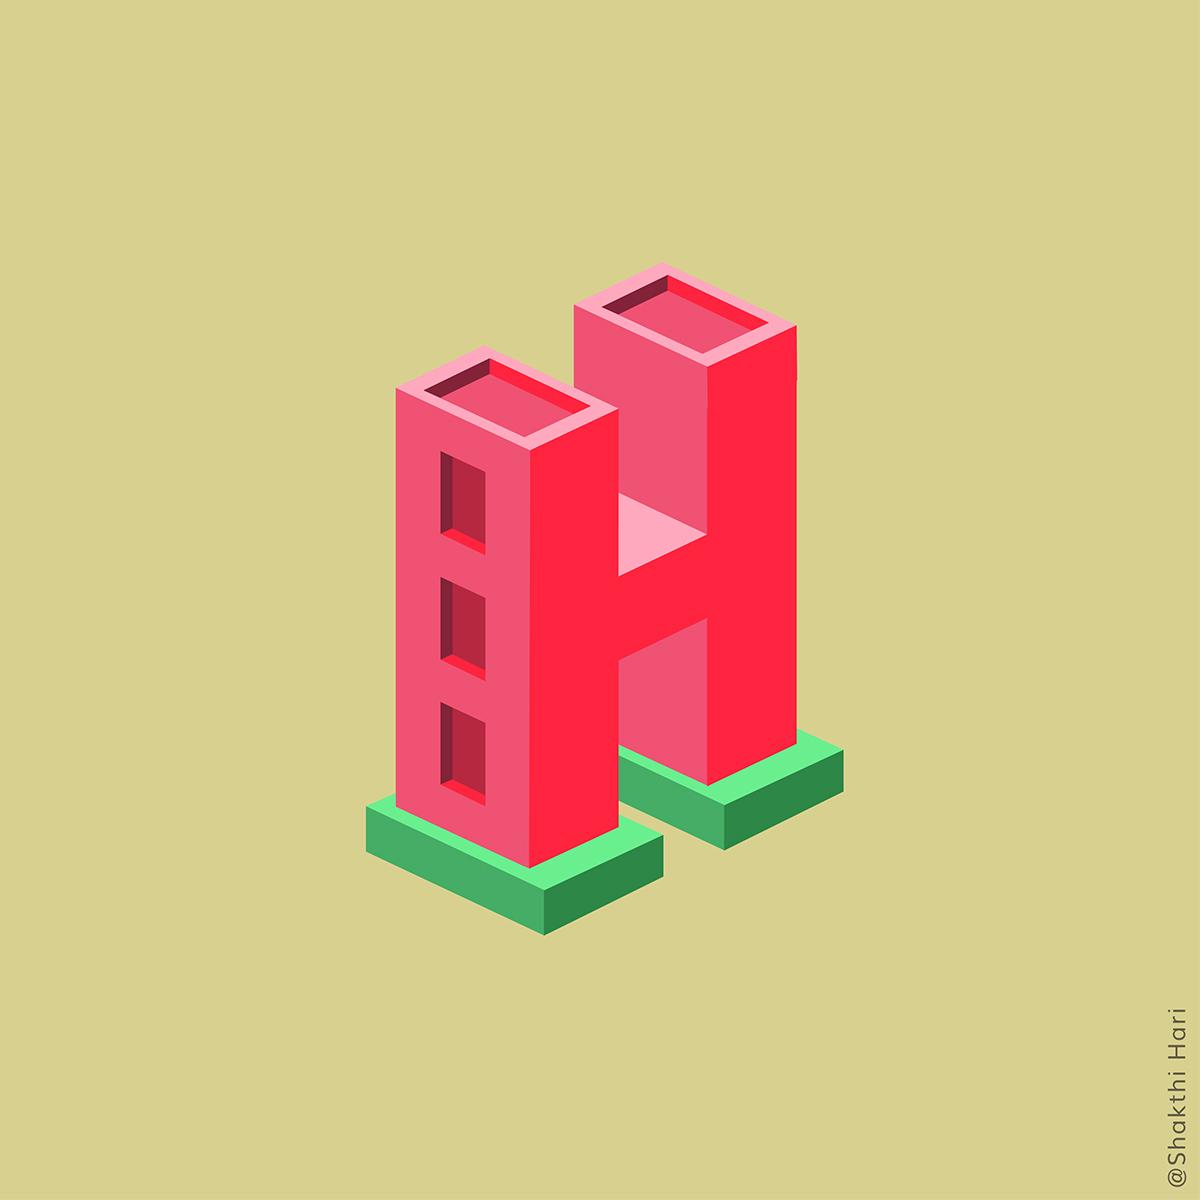 品牌字体设计的未来-上海野火创意